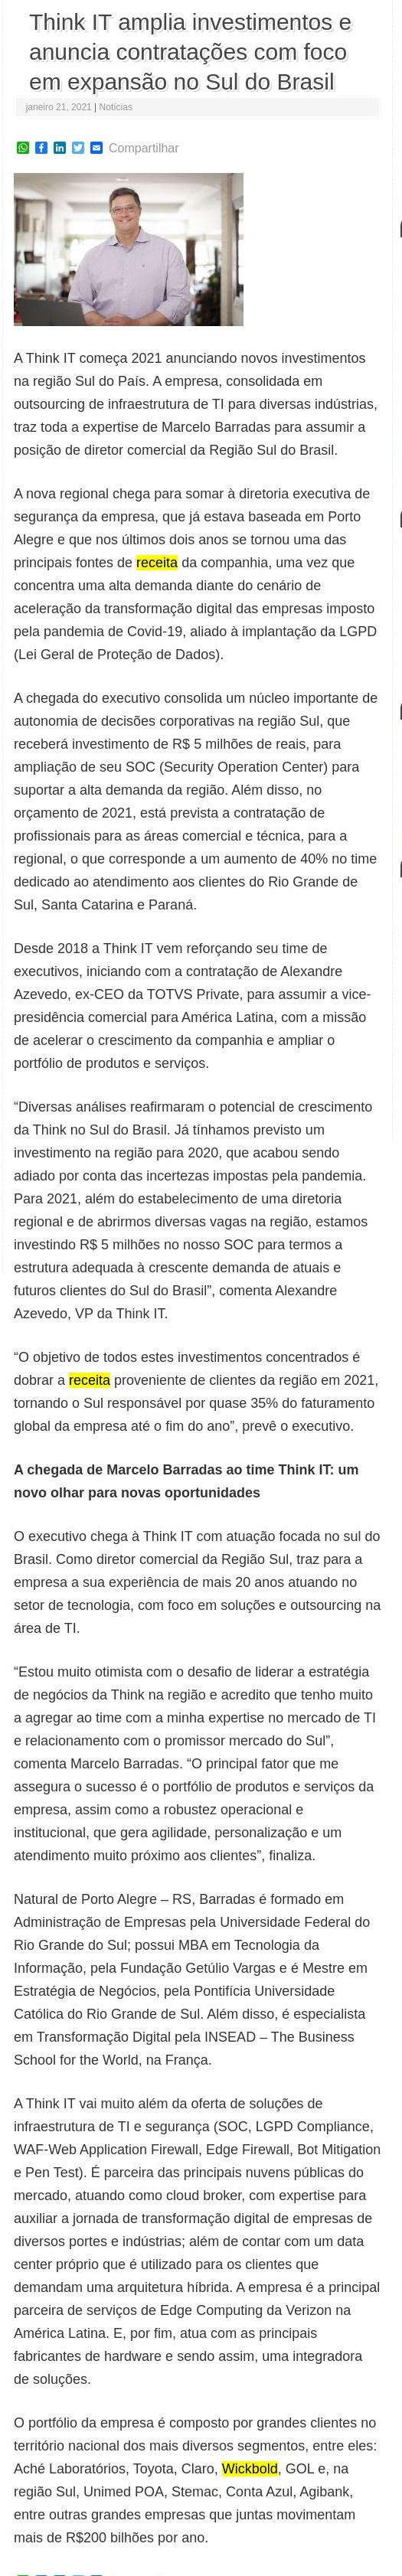 Think IT amplia investimentos e anuncia contratações com foco em expansão no Sul do Brasil - Valor Agregado